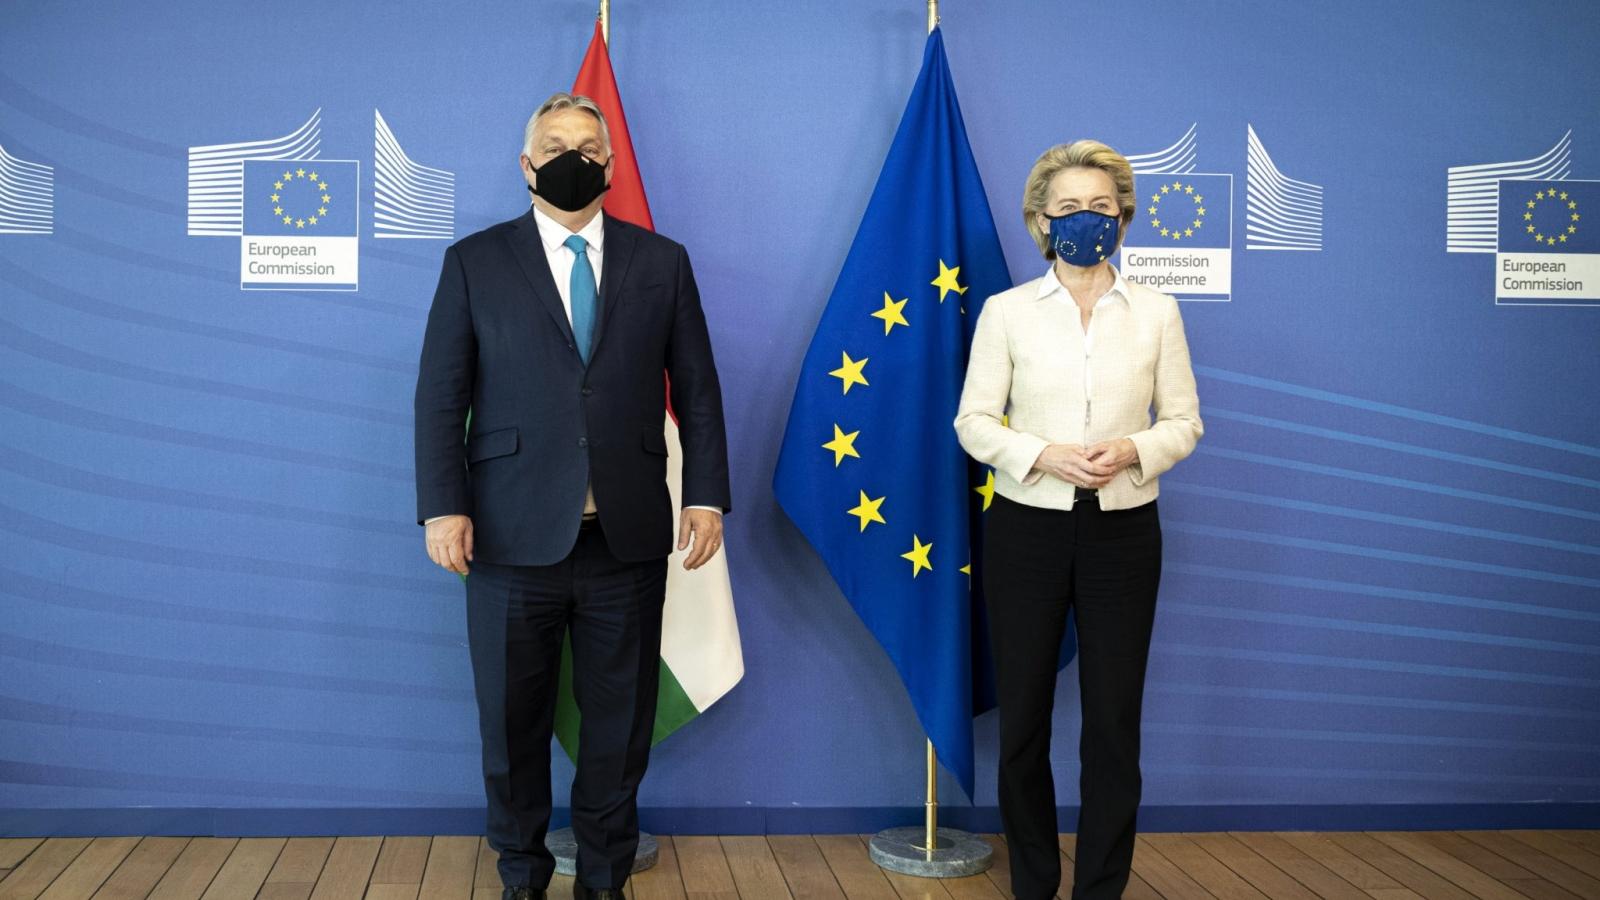 Hungary sẽ là thành viên EU đầu tiên đệ trình kế hoạch phục hồi sau đại dịch Covid-19